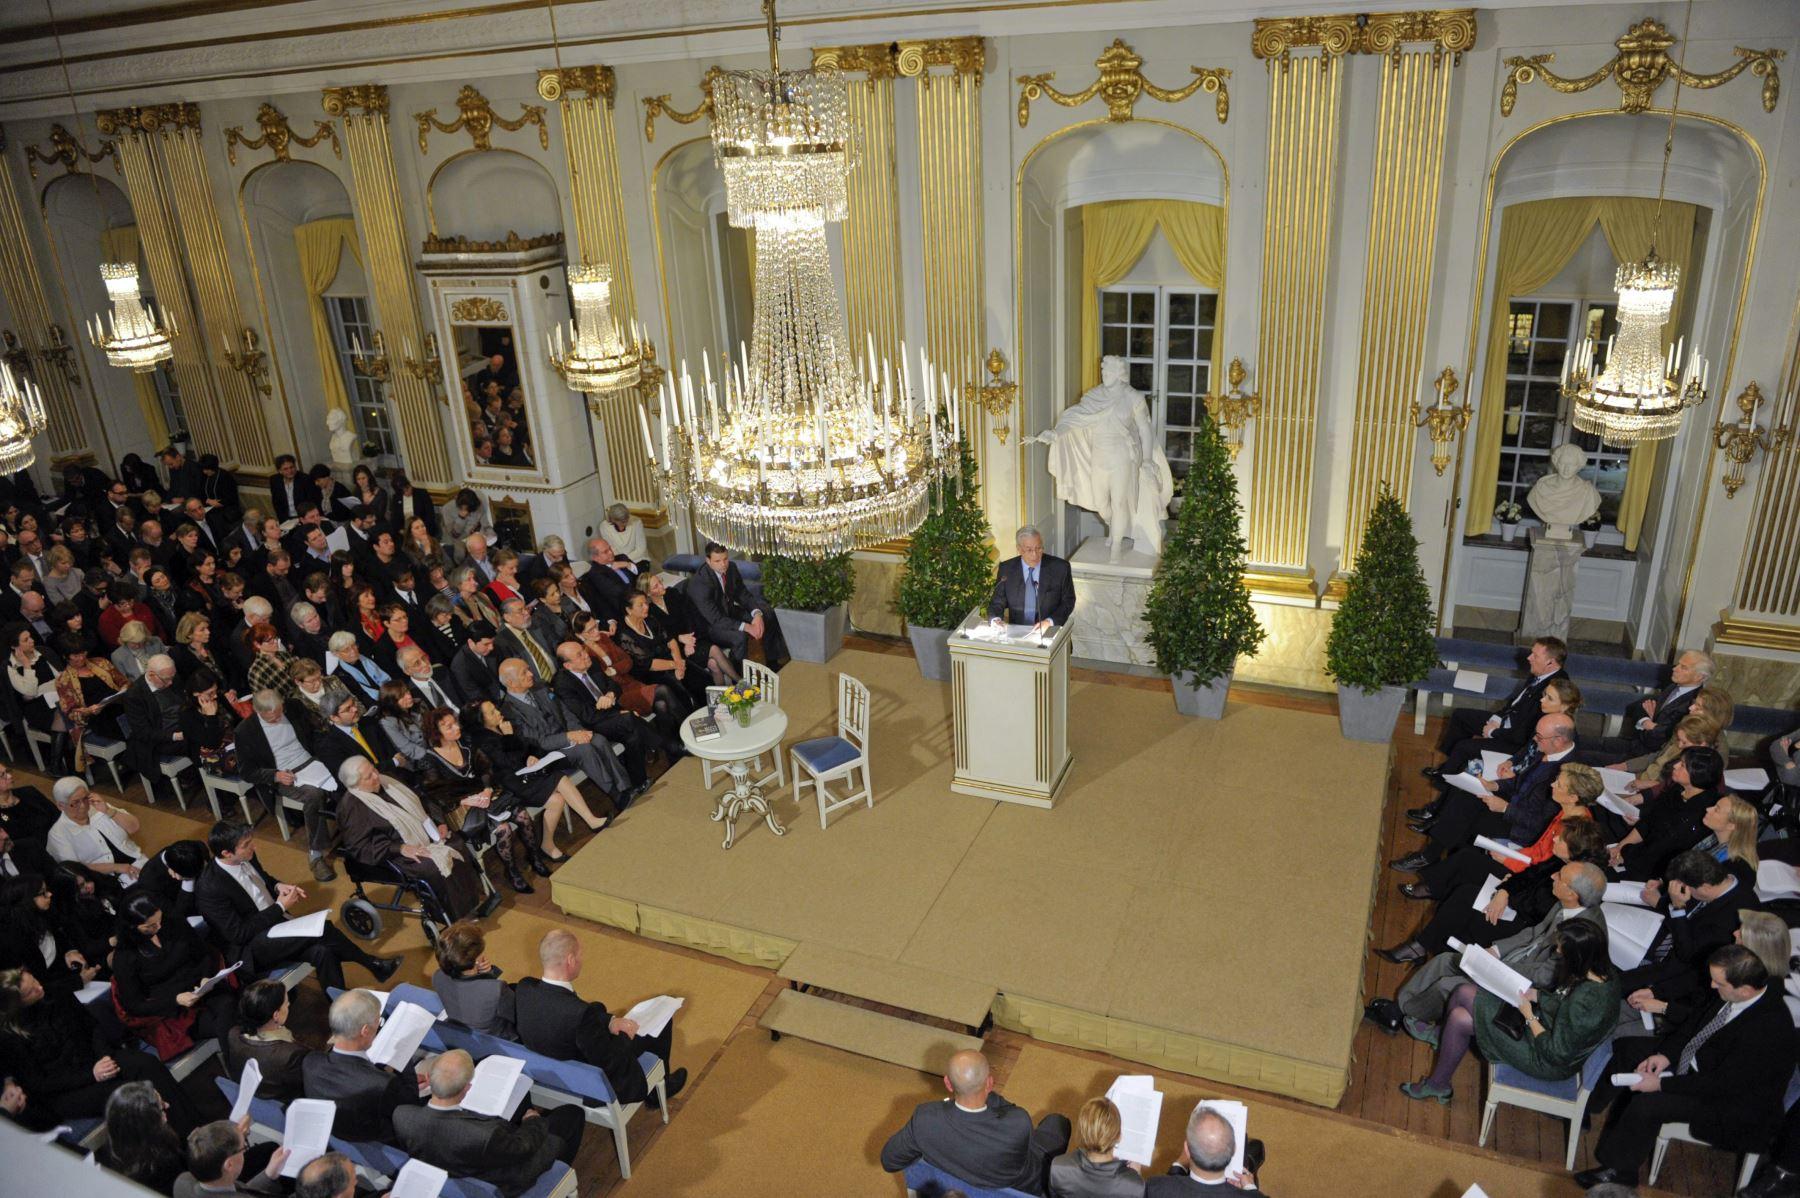 Fotografía tomada el 7 de diciembre de 2010. Mario Vargas Llosa celebra su conferencia Nobel en la Academia Sueca en el casco antiguo de Estocolmo. Foto: AFP